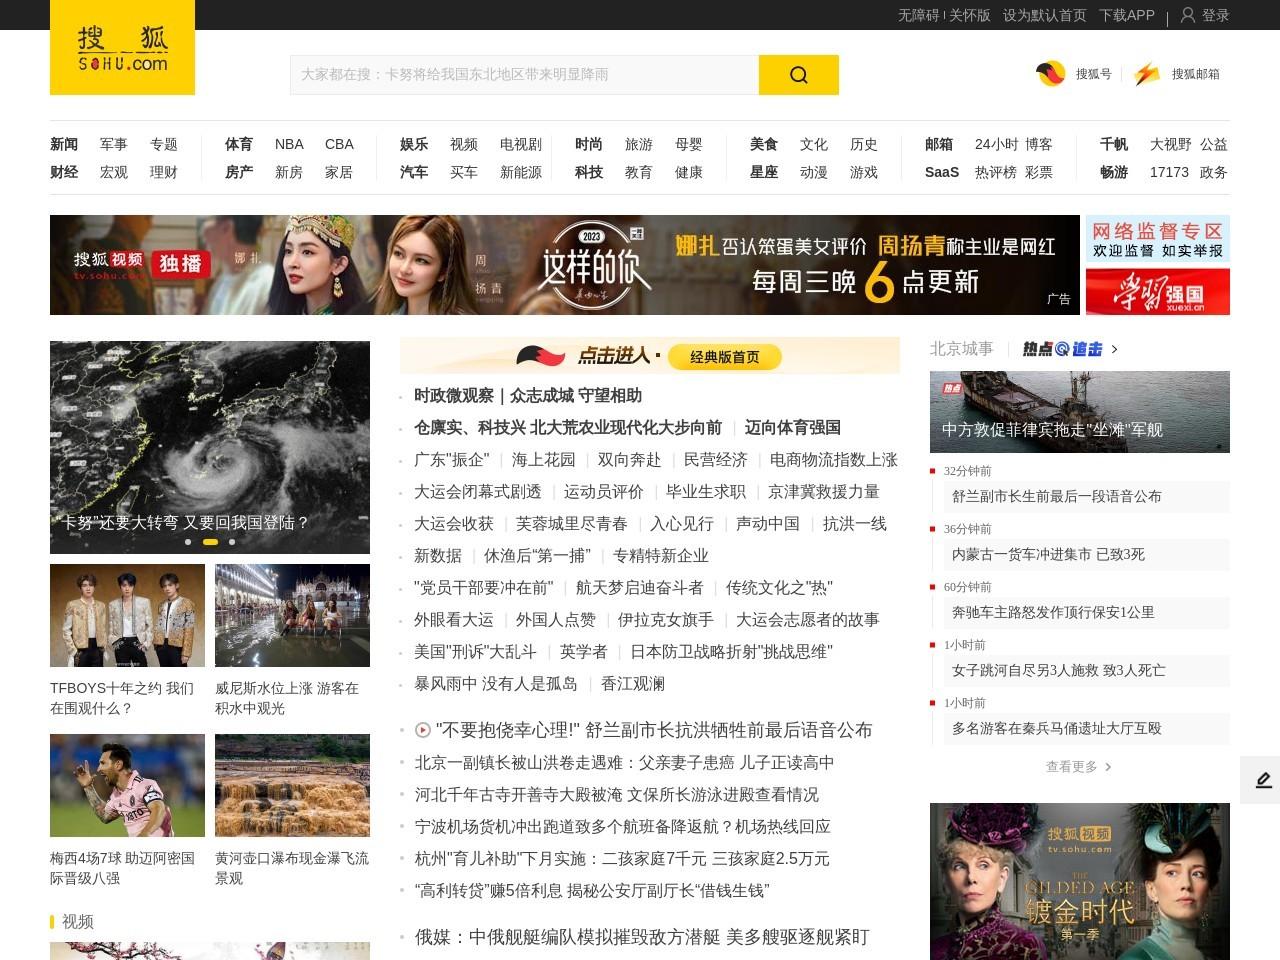 范志毅上吐槽大会讽中国篮球引发争议